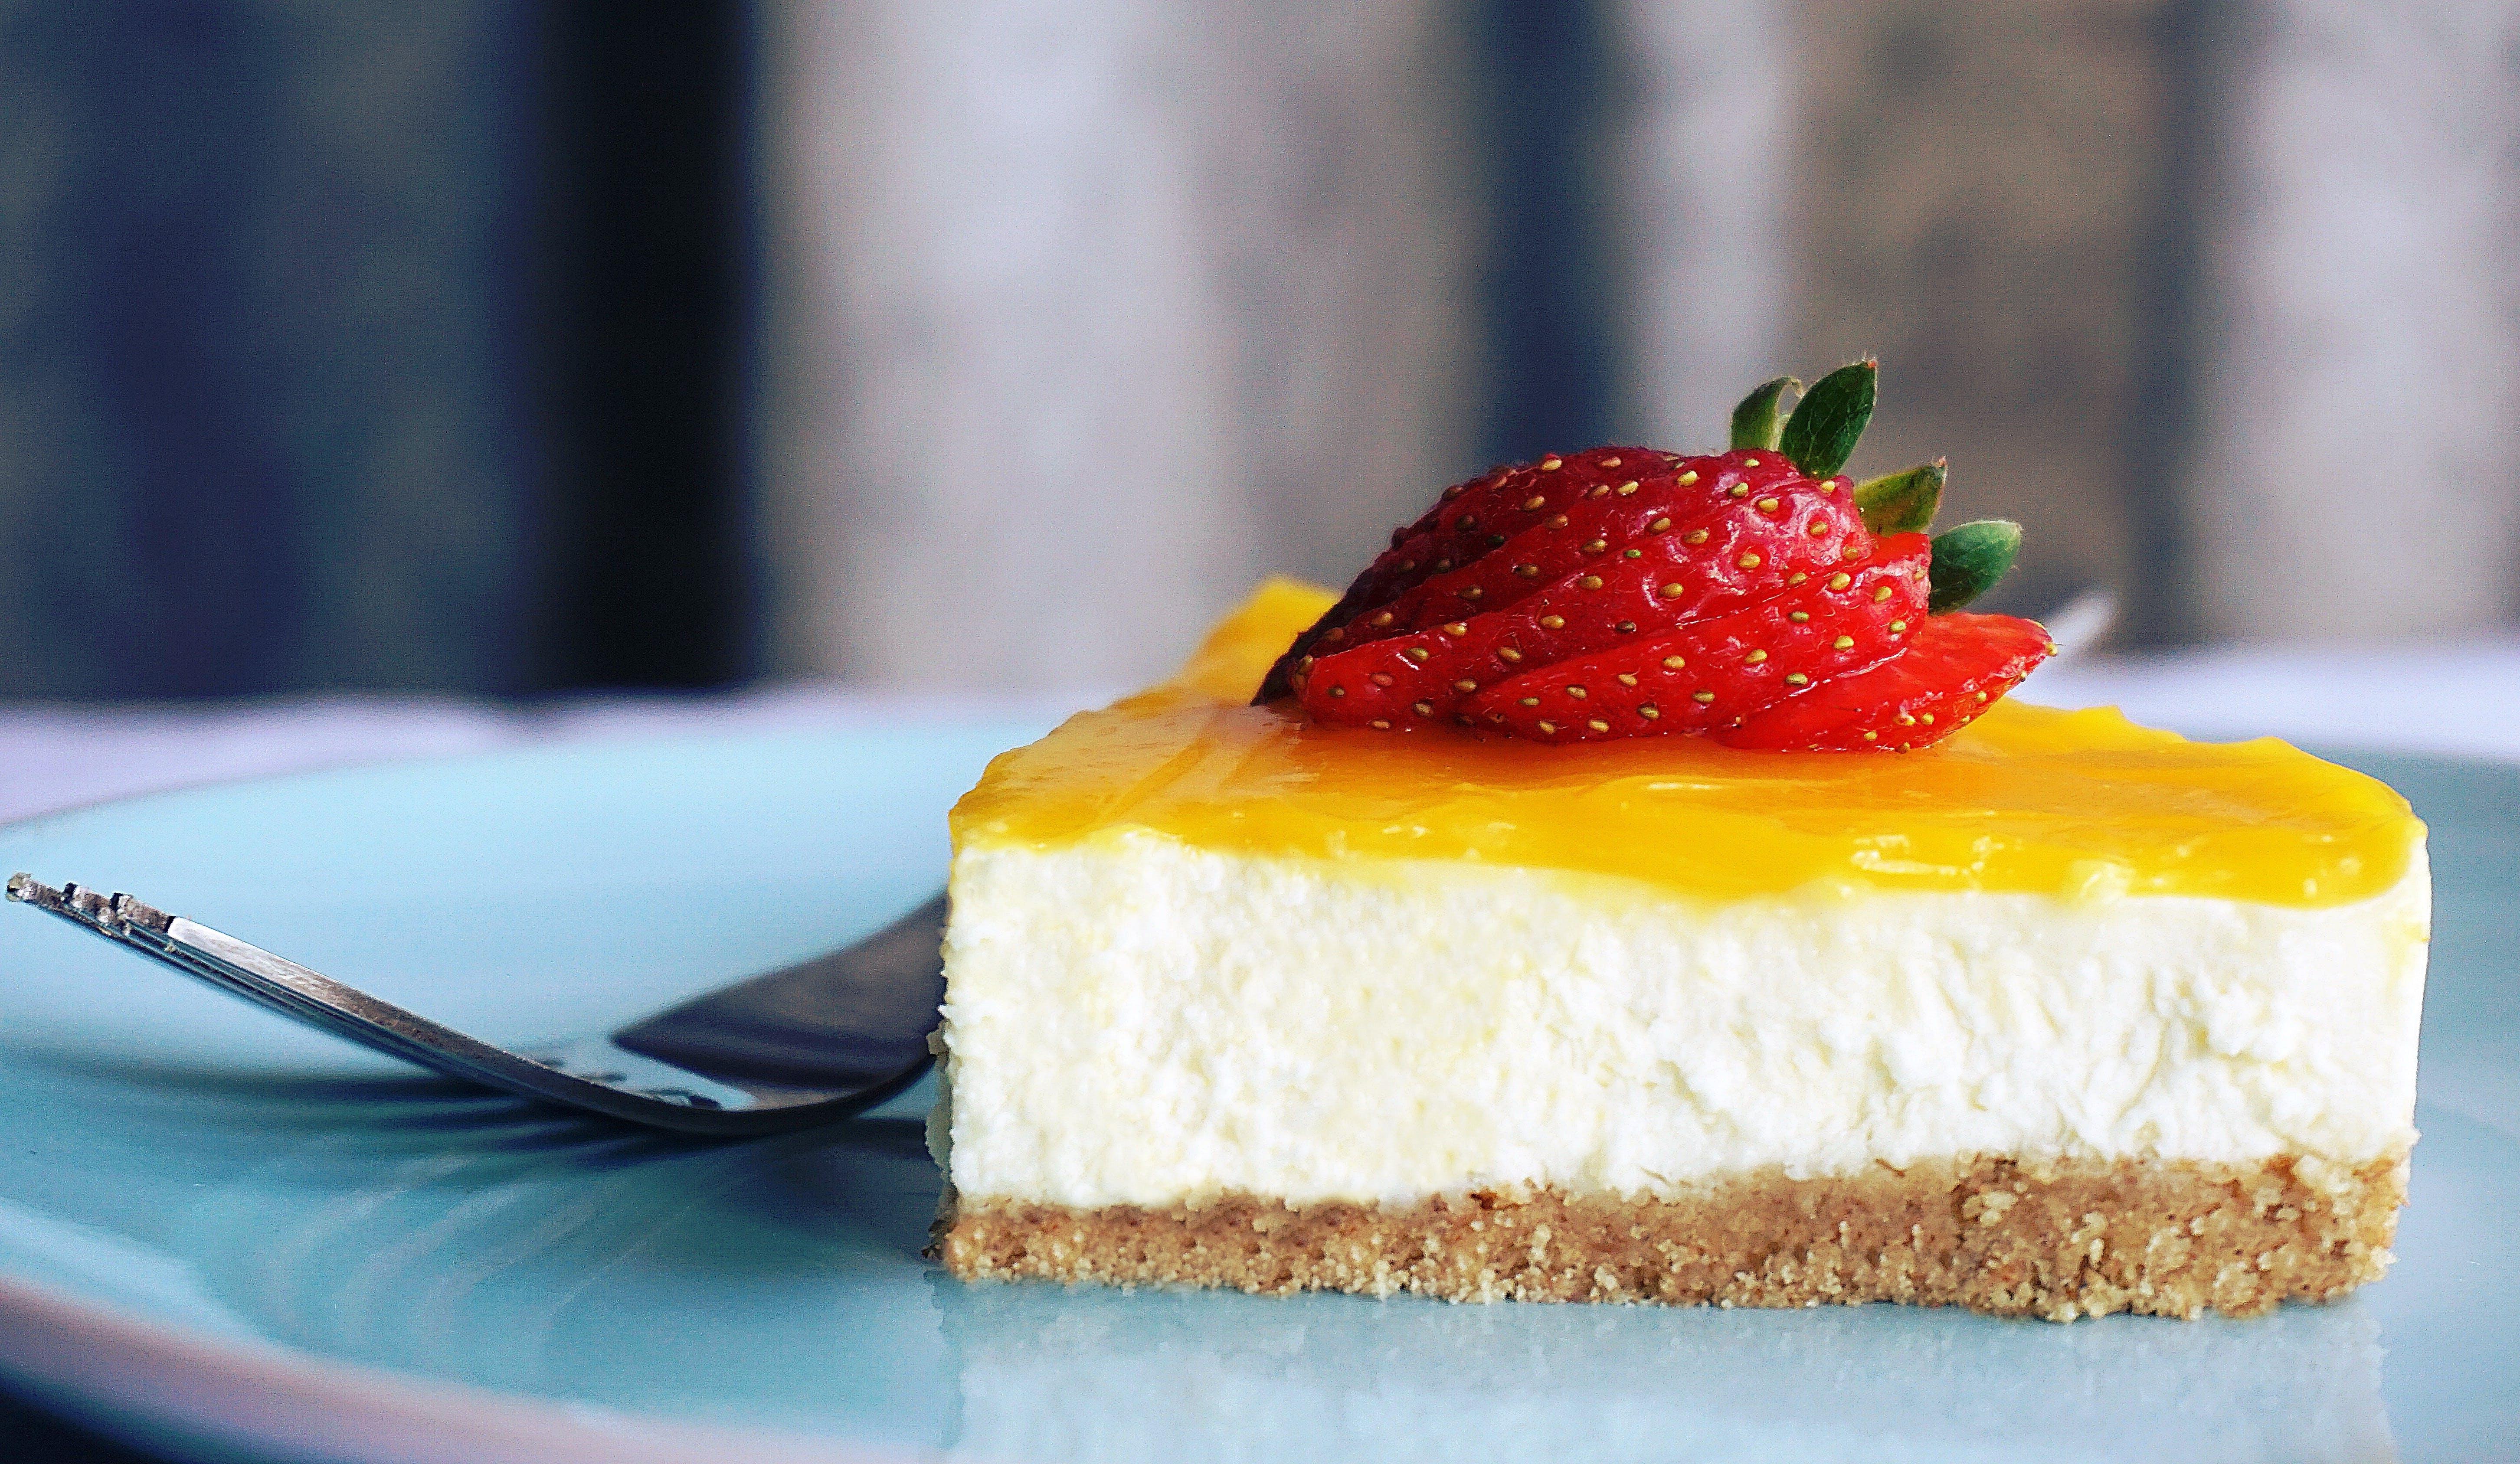 ayrım, çalı meyvesi, cheesecake, çilekler içeren Ücretsiz stok fotoğraf